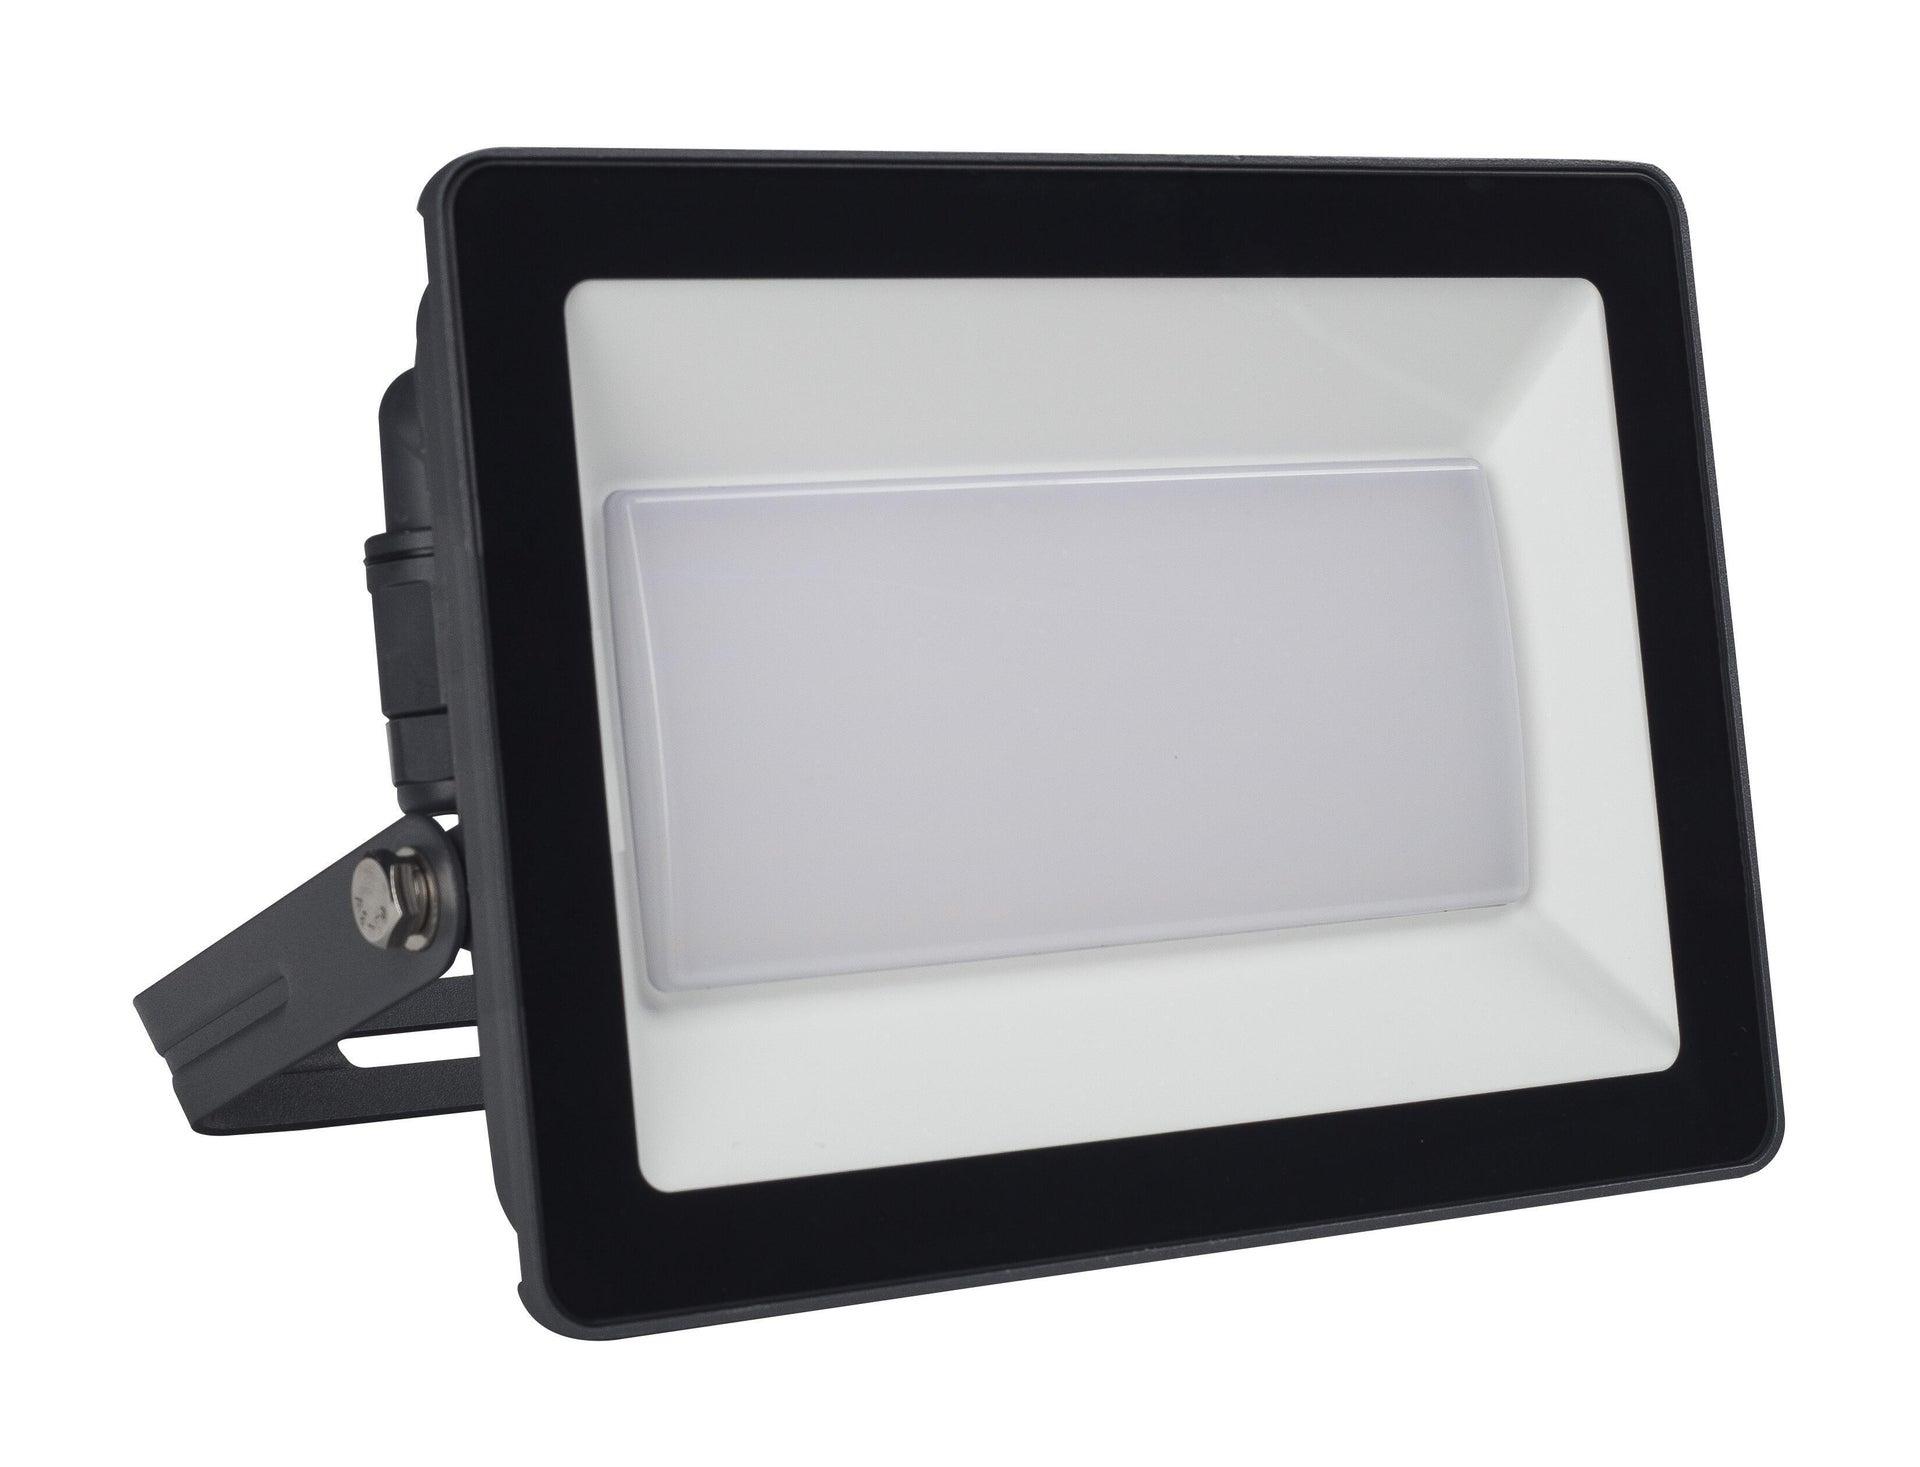 Proiettore LED integrato Yonkers in alluminio, antracite, 100W 6500LM IP65 INSPIRE - 8